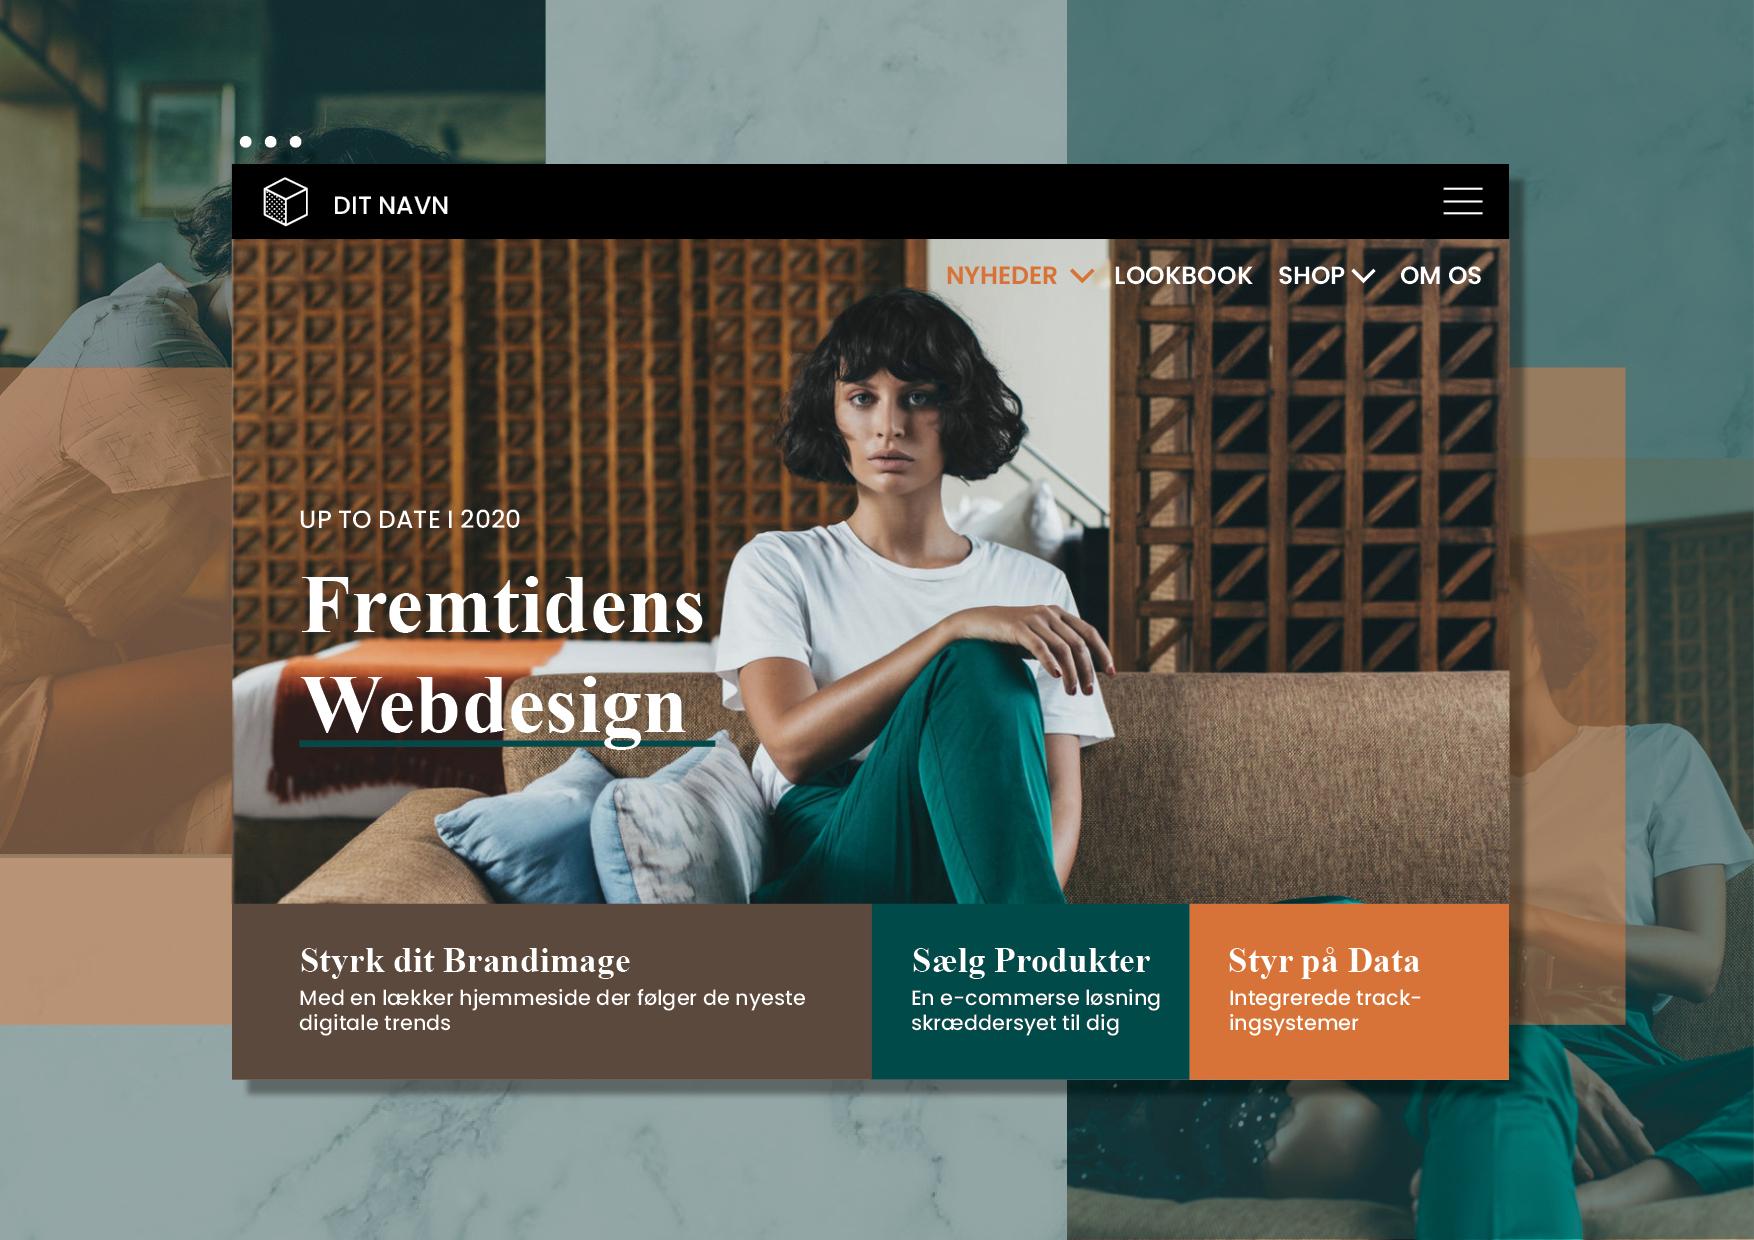 Fremtidens Webdesign - Bliv up to date i 2020